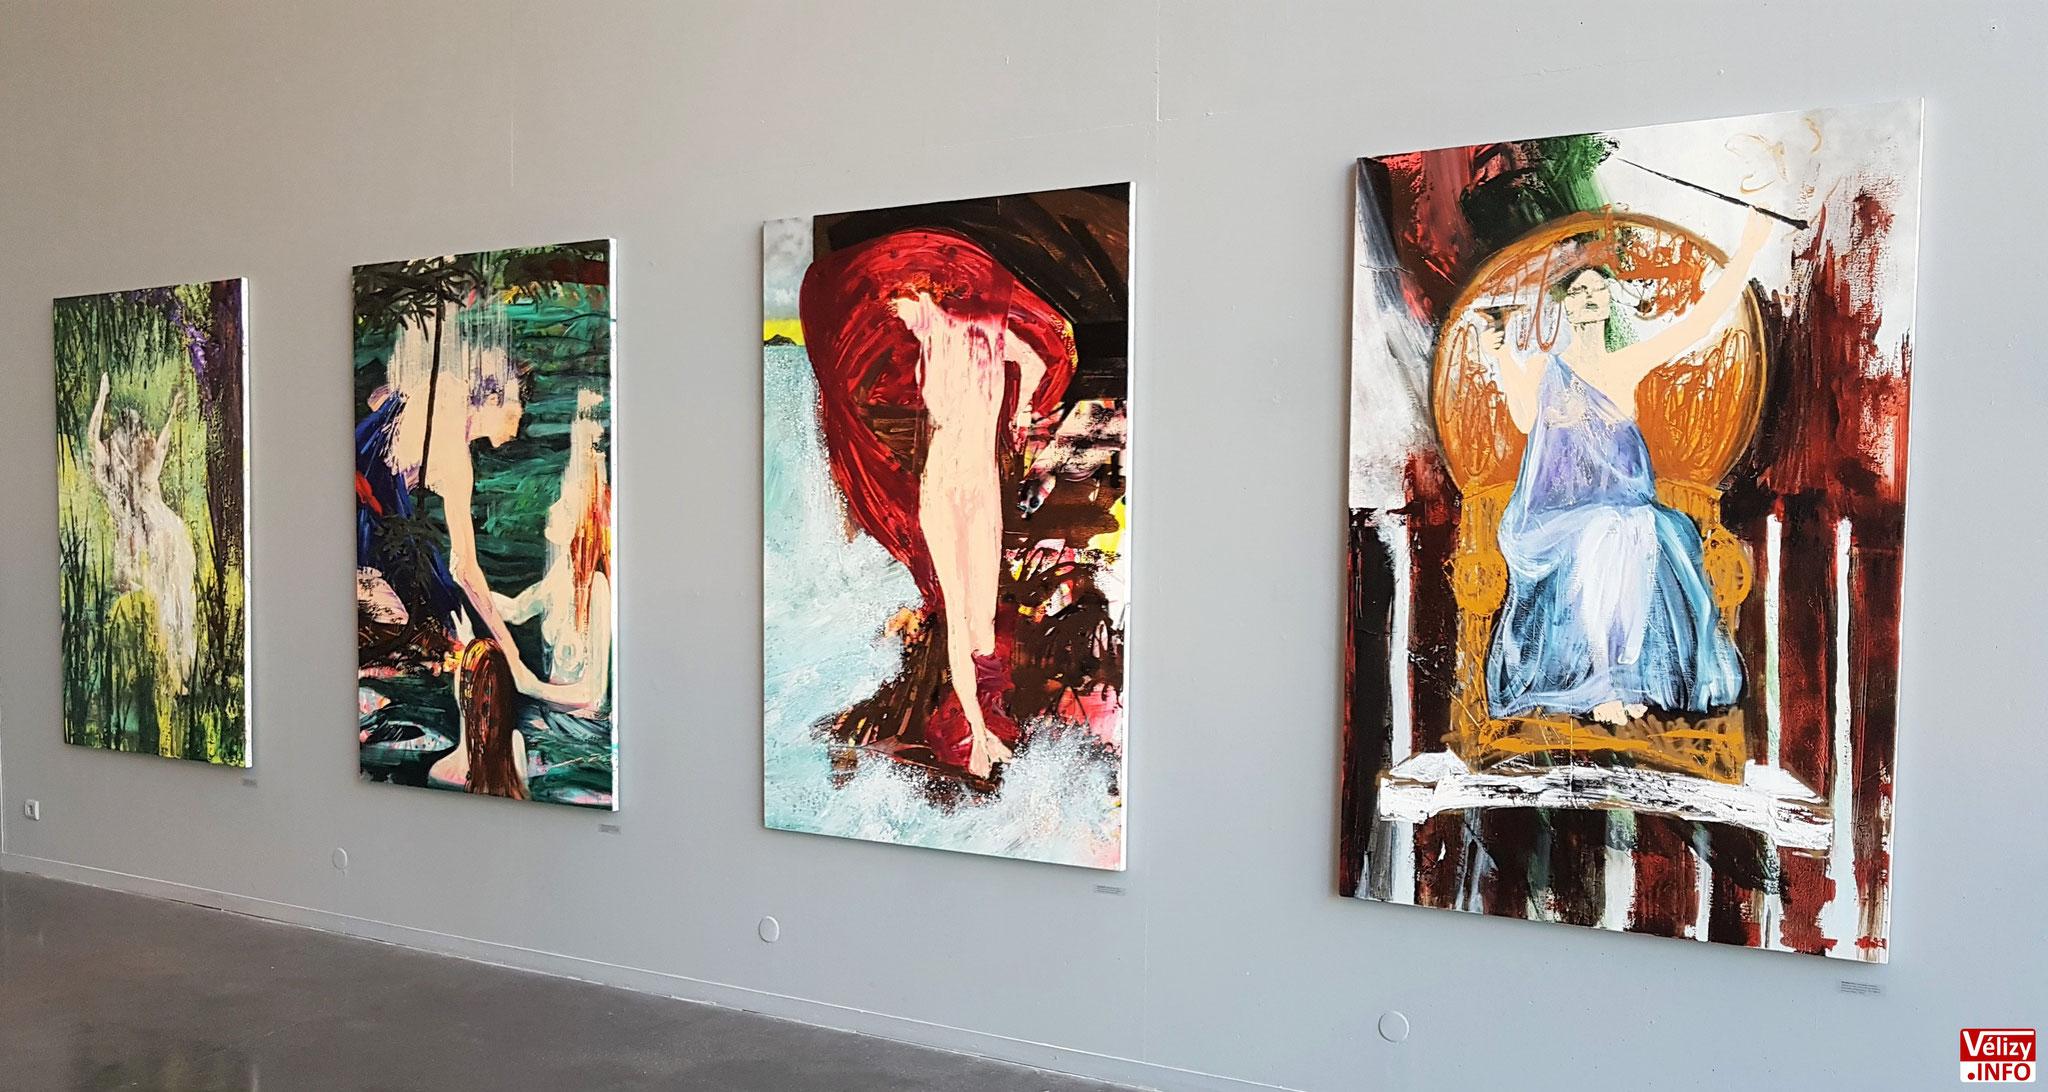 Exposition d'Éric Citerne au centre d'art contemporain de l'Onde à Vélizy-Villacoublay.